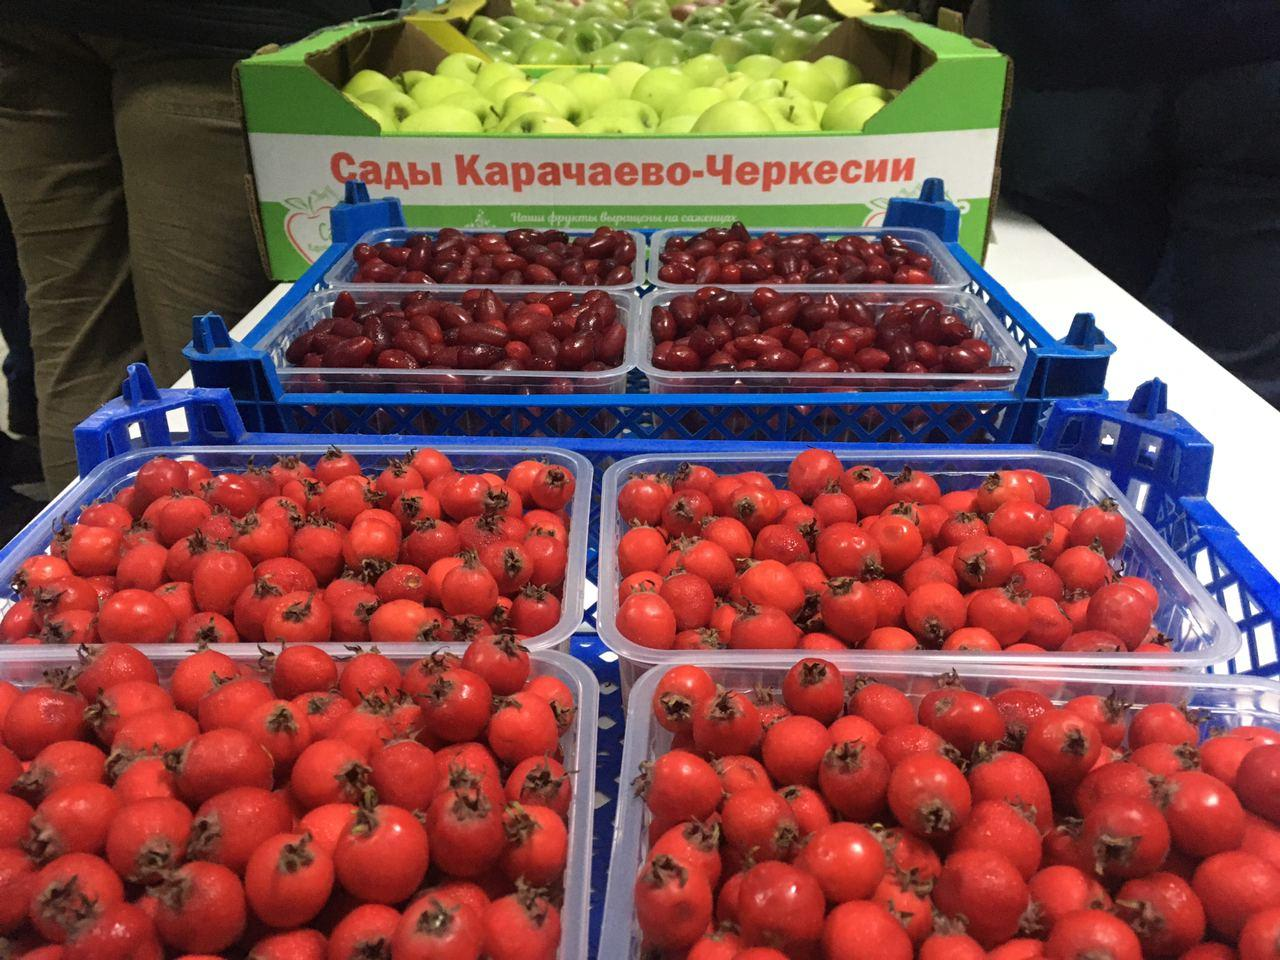 В Мичуринске открыли первую в стране интеллектуальную лабораторию хранения ягод